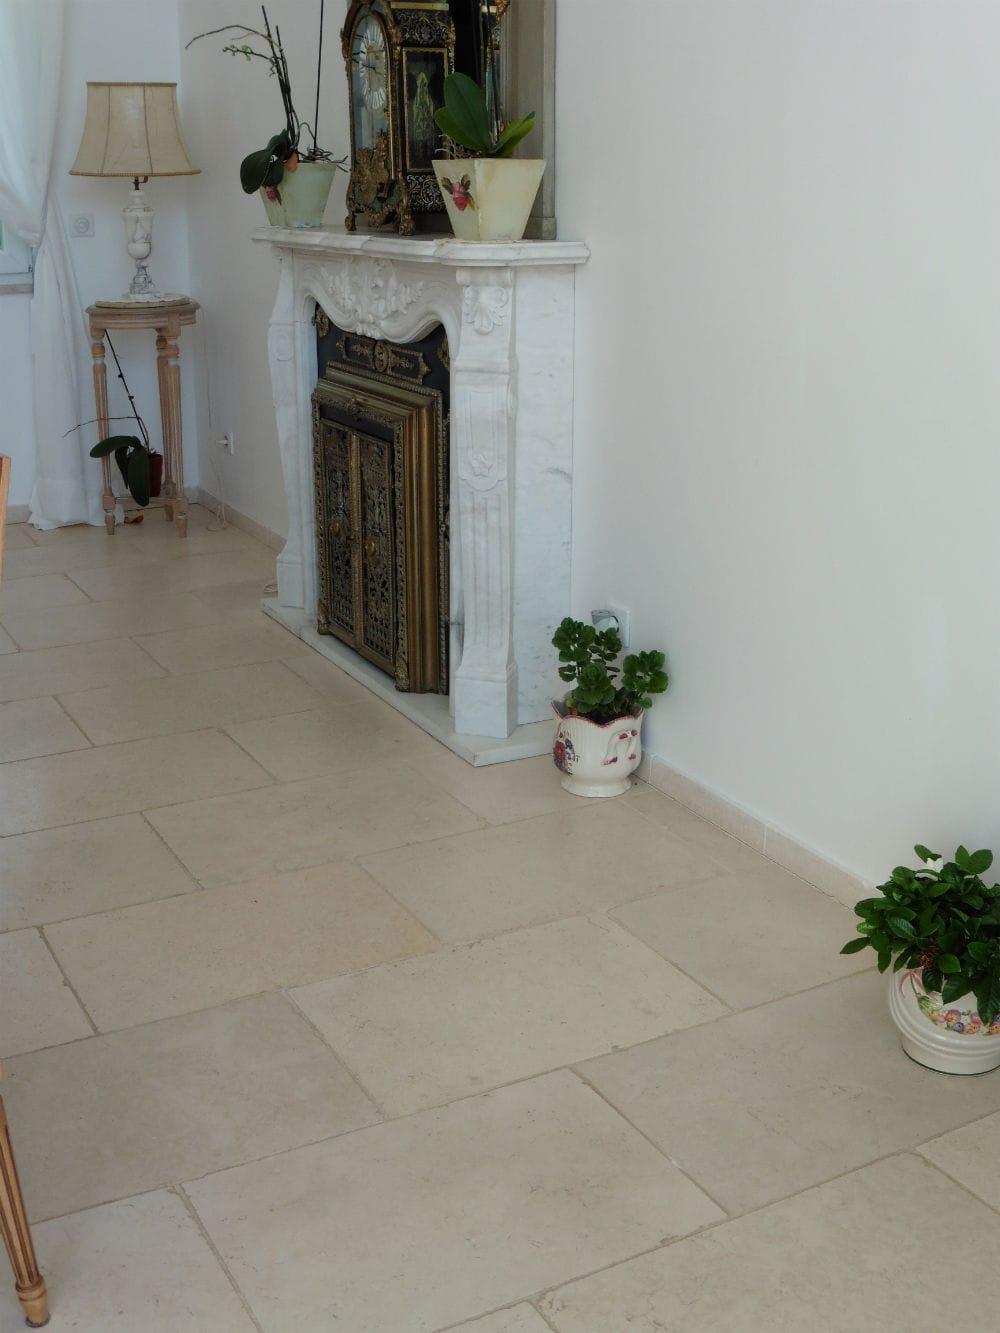 Carrelage en pierre utilisé pour le sol d'un salon